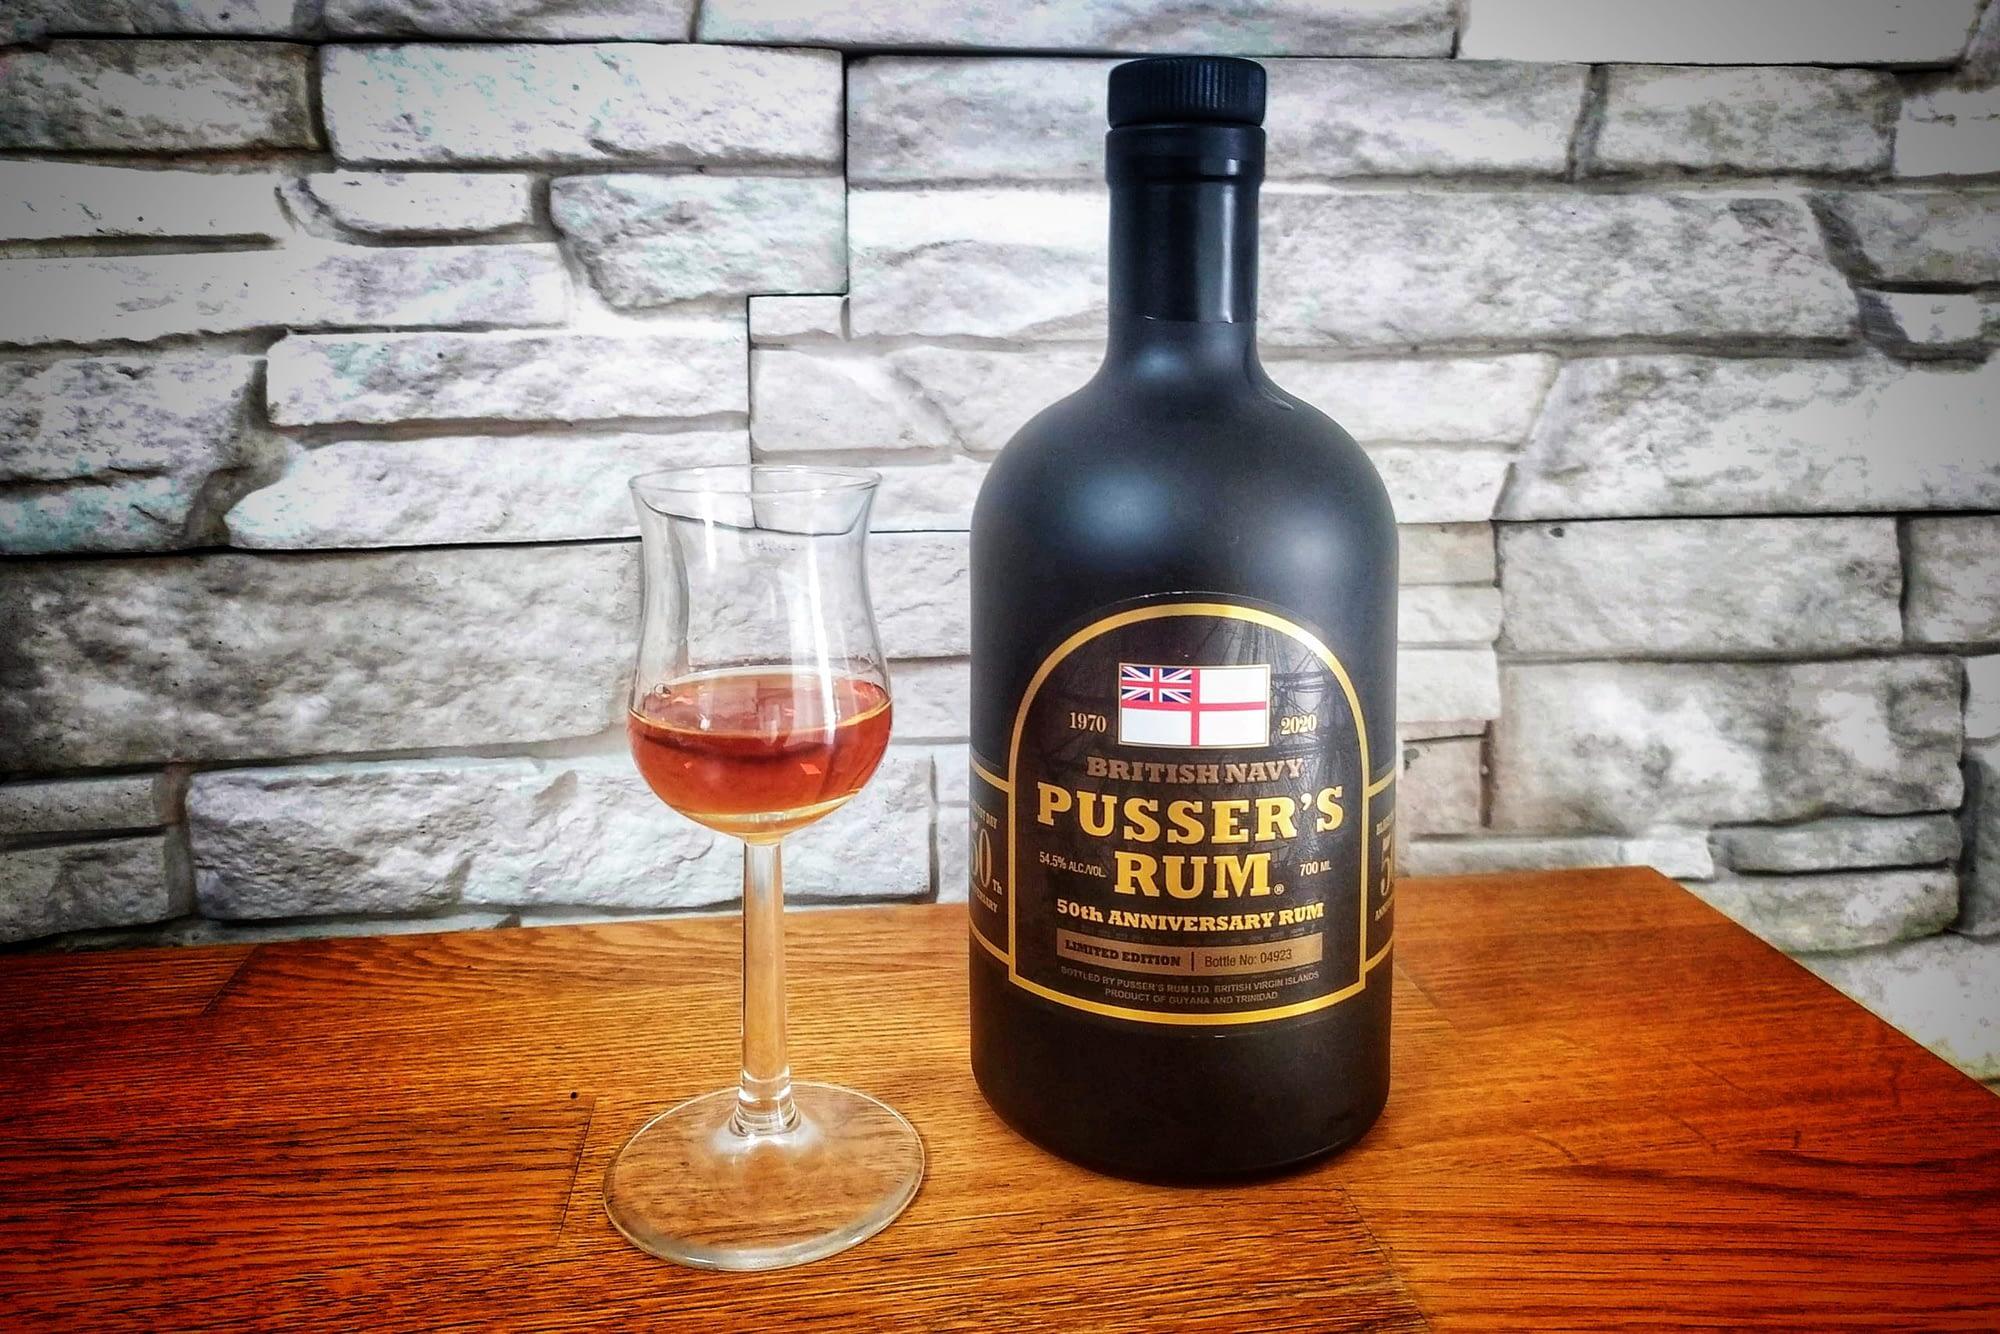 Pusser's Rum 50th Anniversary – příjemný odkaz na smutnou událost